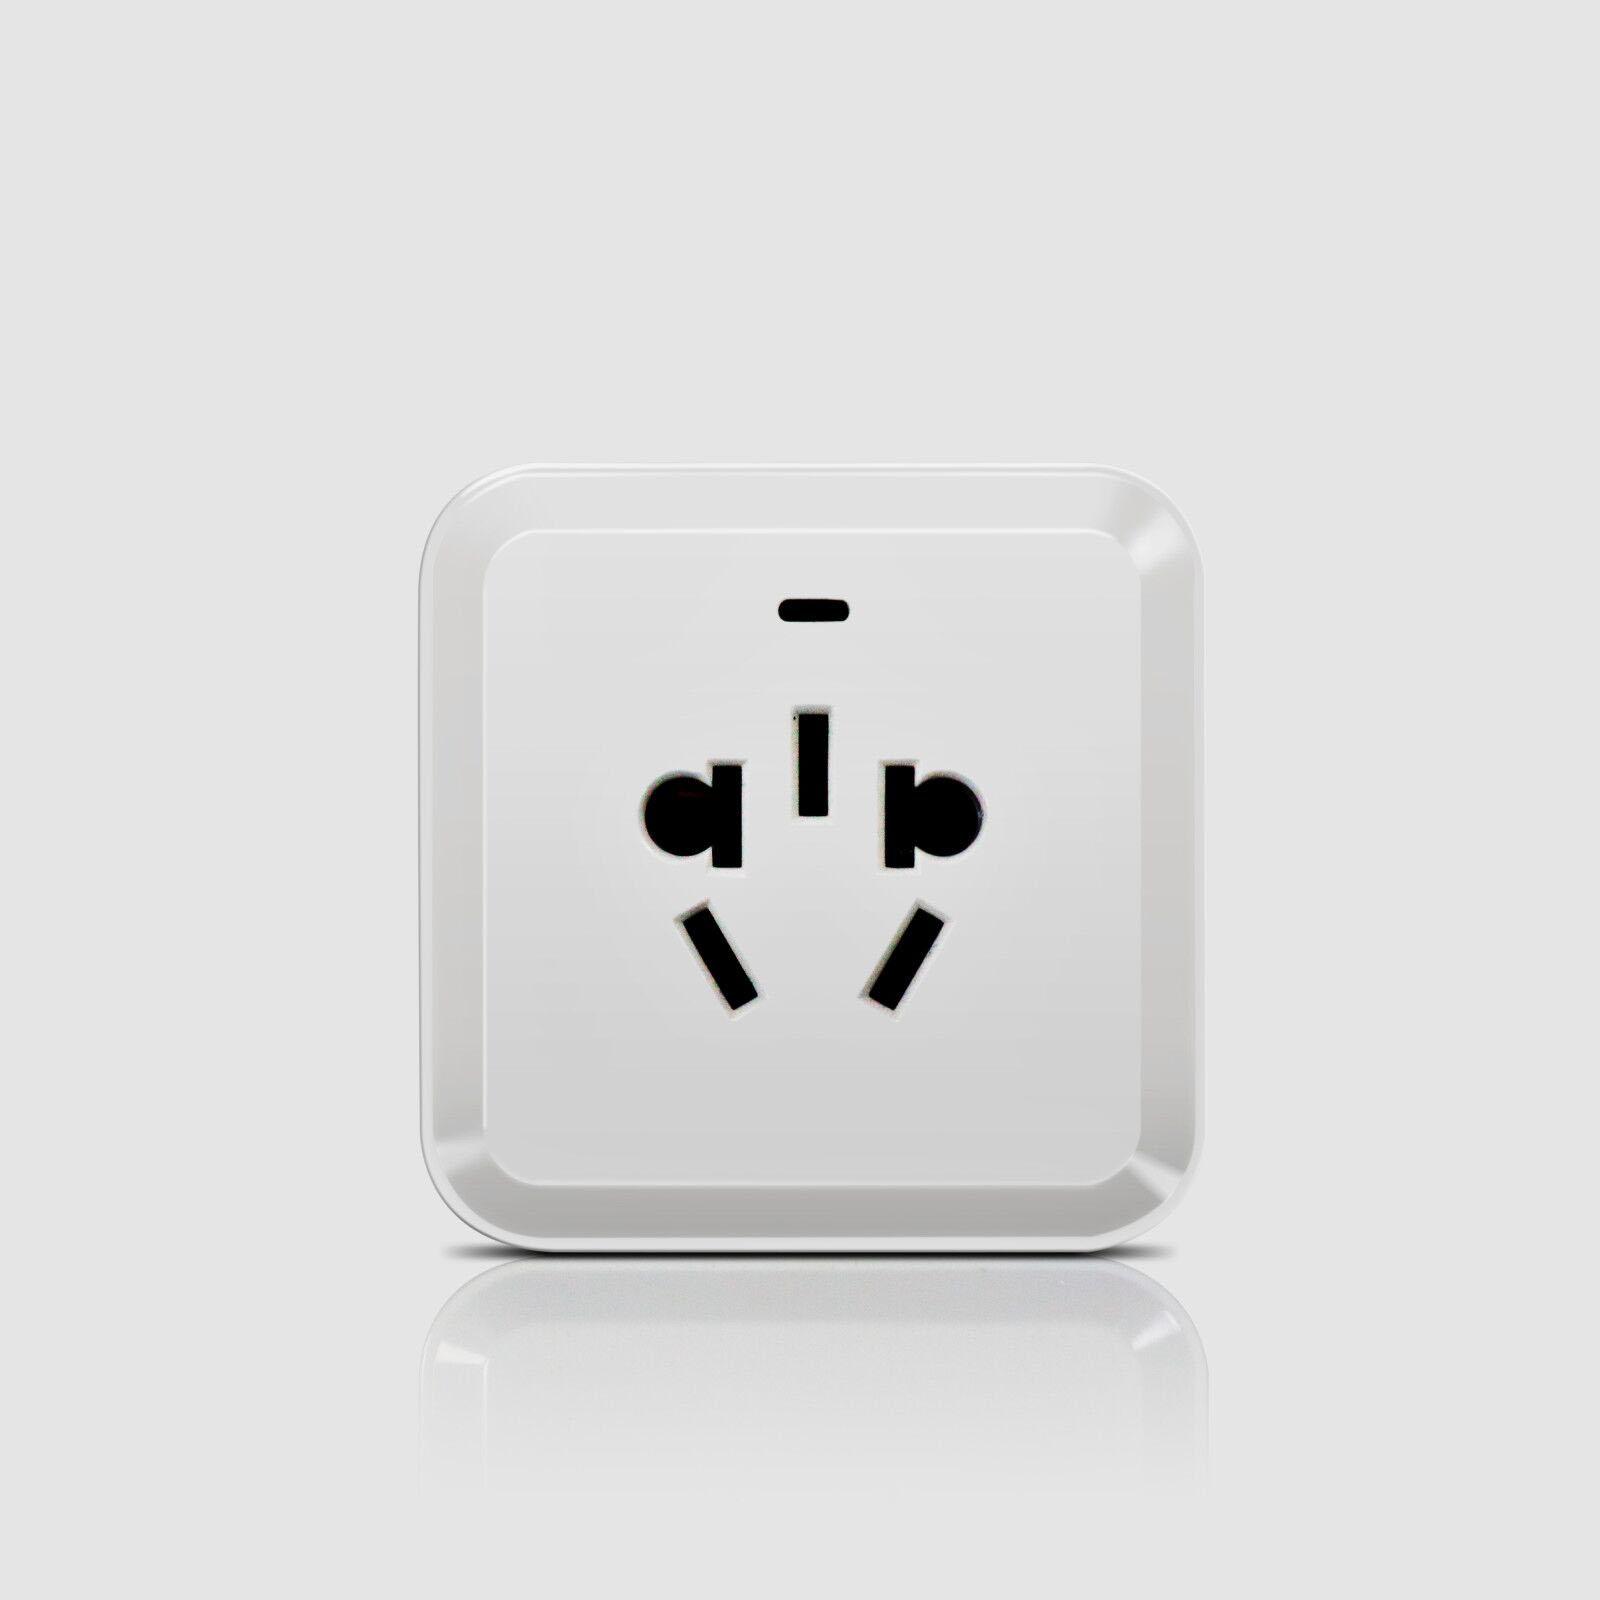 智能转换插座